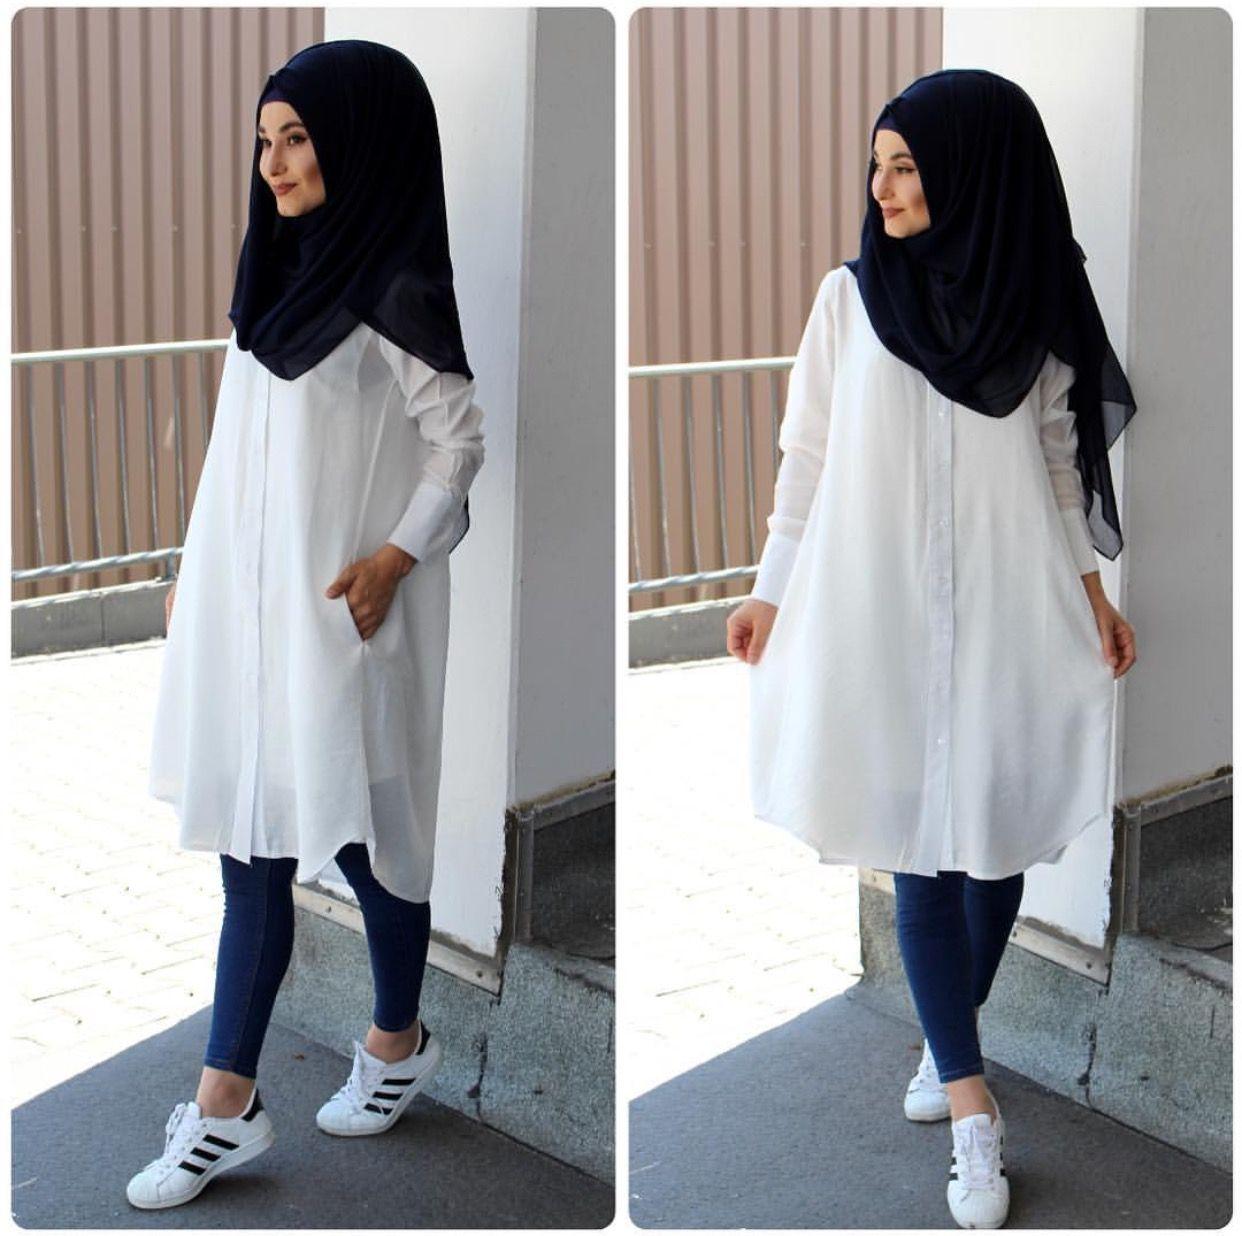 Pin by Ammara on H I J A B F A S H I O N  Muslimah fashion